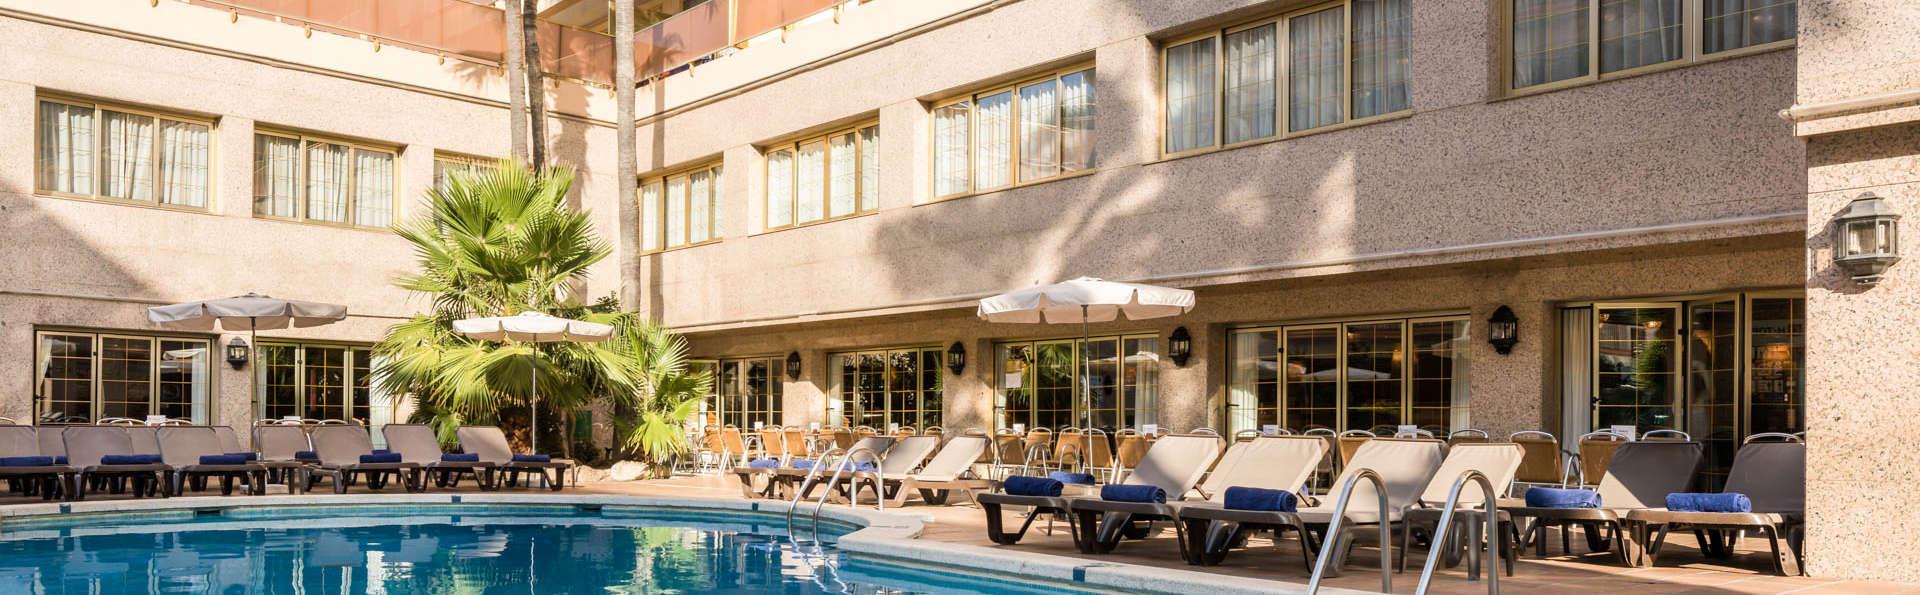 Escapada en pensión completa en hotel sólo para adultos con piscina